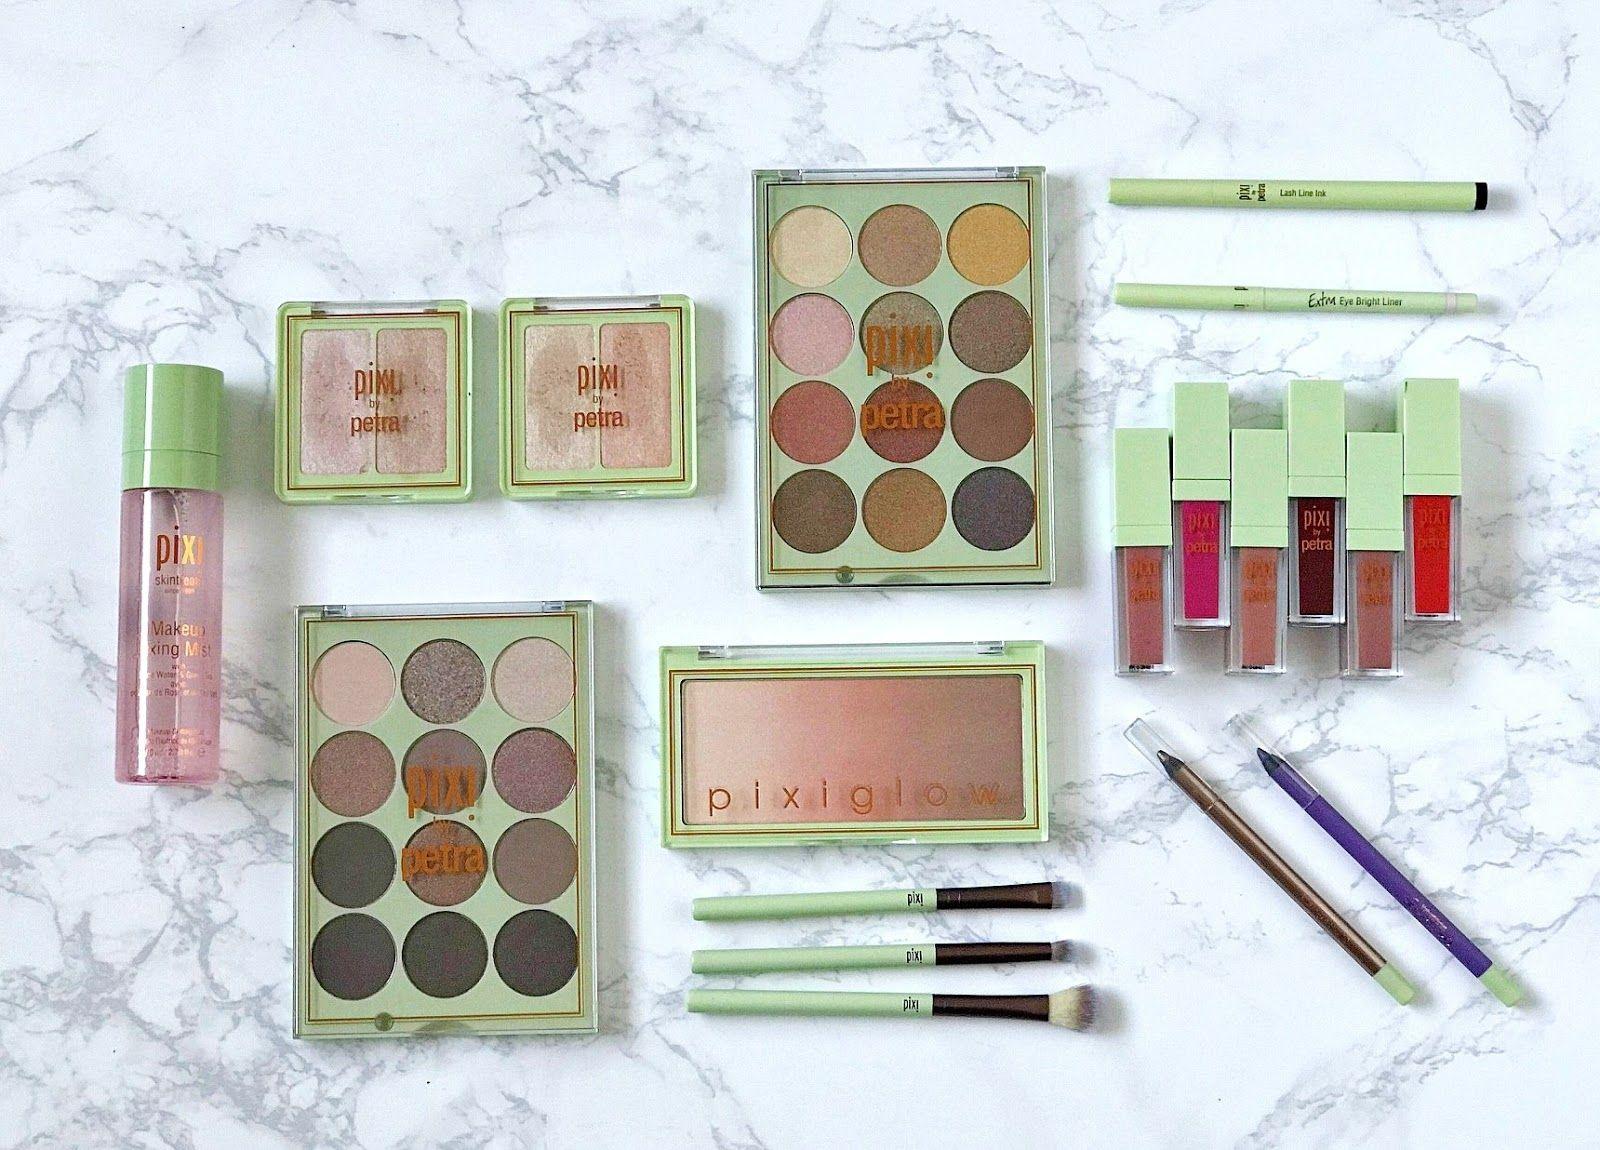 Pixi Makeup Fixing Mist, Pixi Eye Liner, Pixi Liquid Fairy